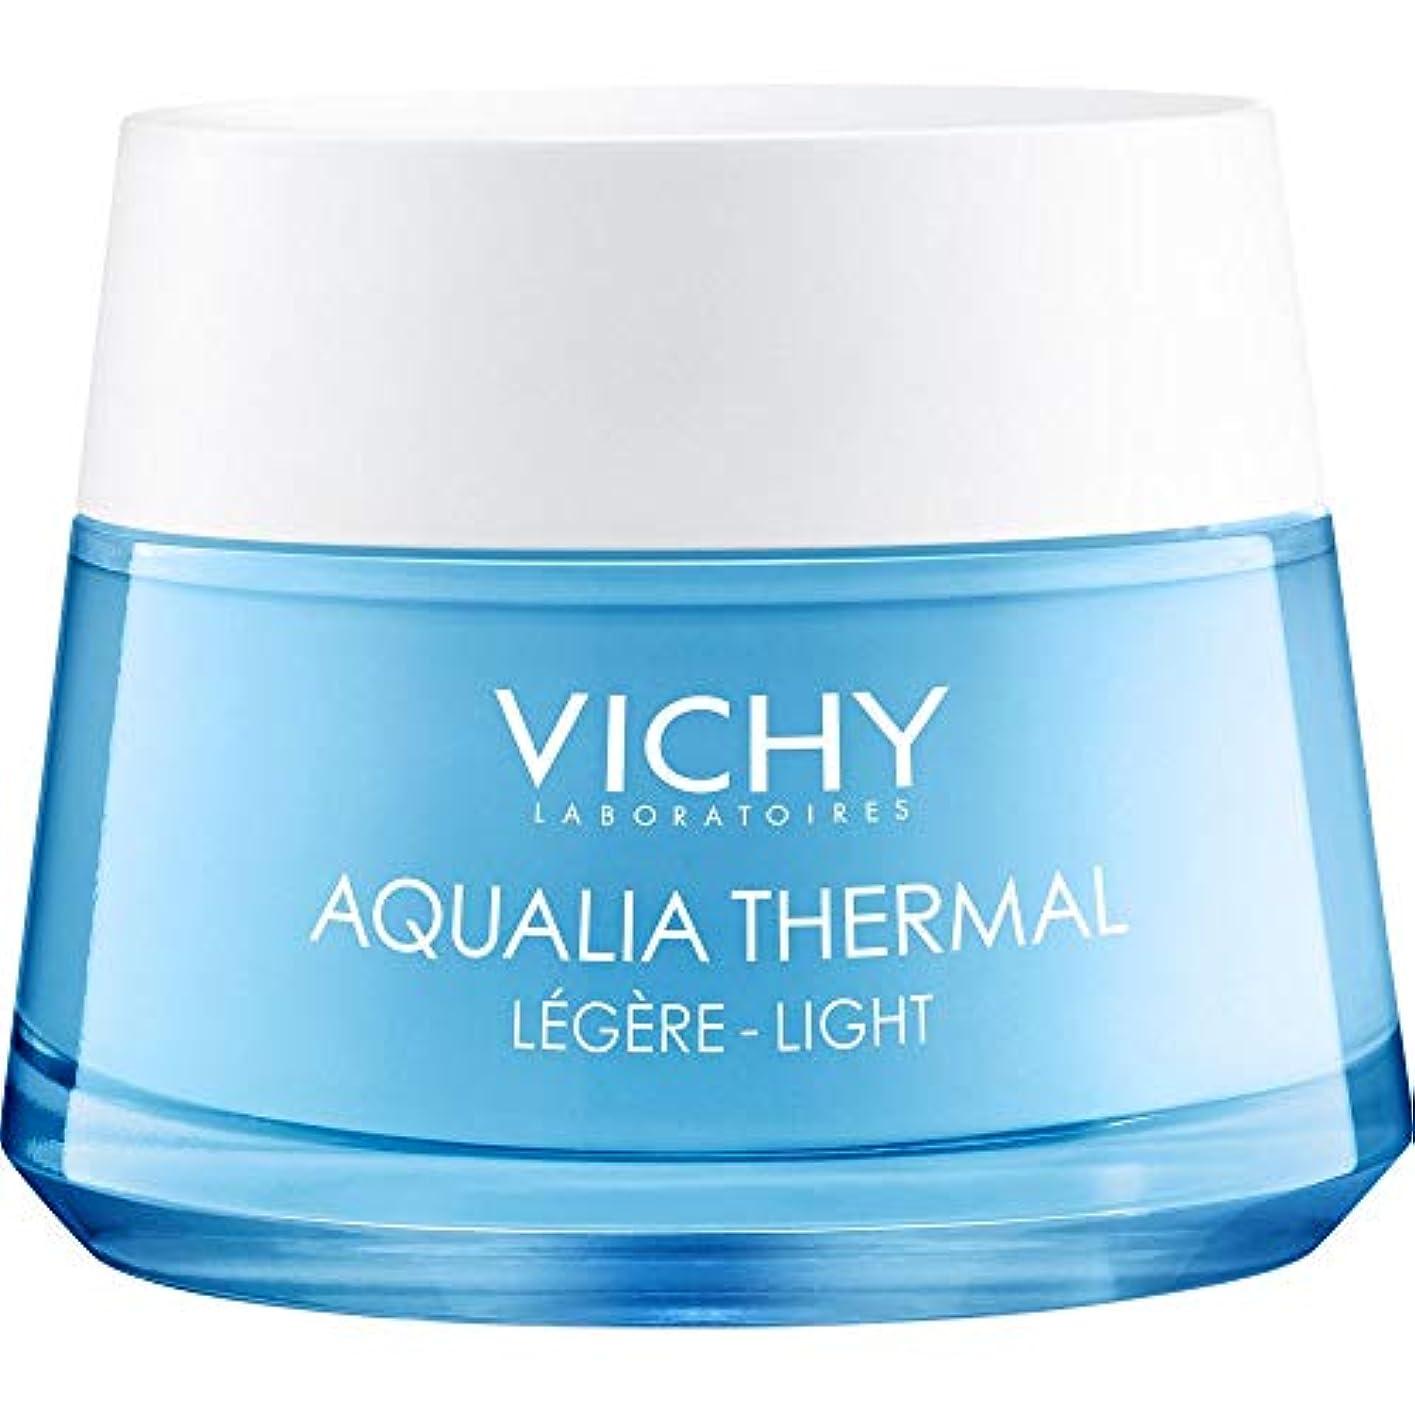 ステッチ従順マインドフル[Vichy] 熱再水和の光クリームAqualiaヴィシー - 正常な皮膚の50ミリリットル - Vichy Aqualia Thermal Rehydrating Light Cream - Normal Skin 50ml...